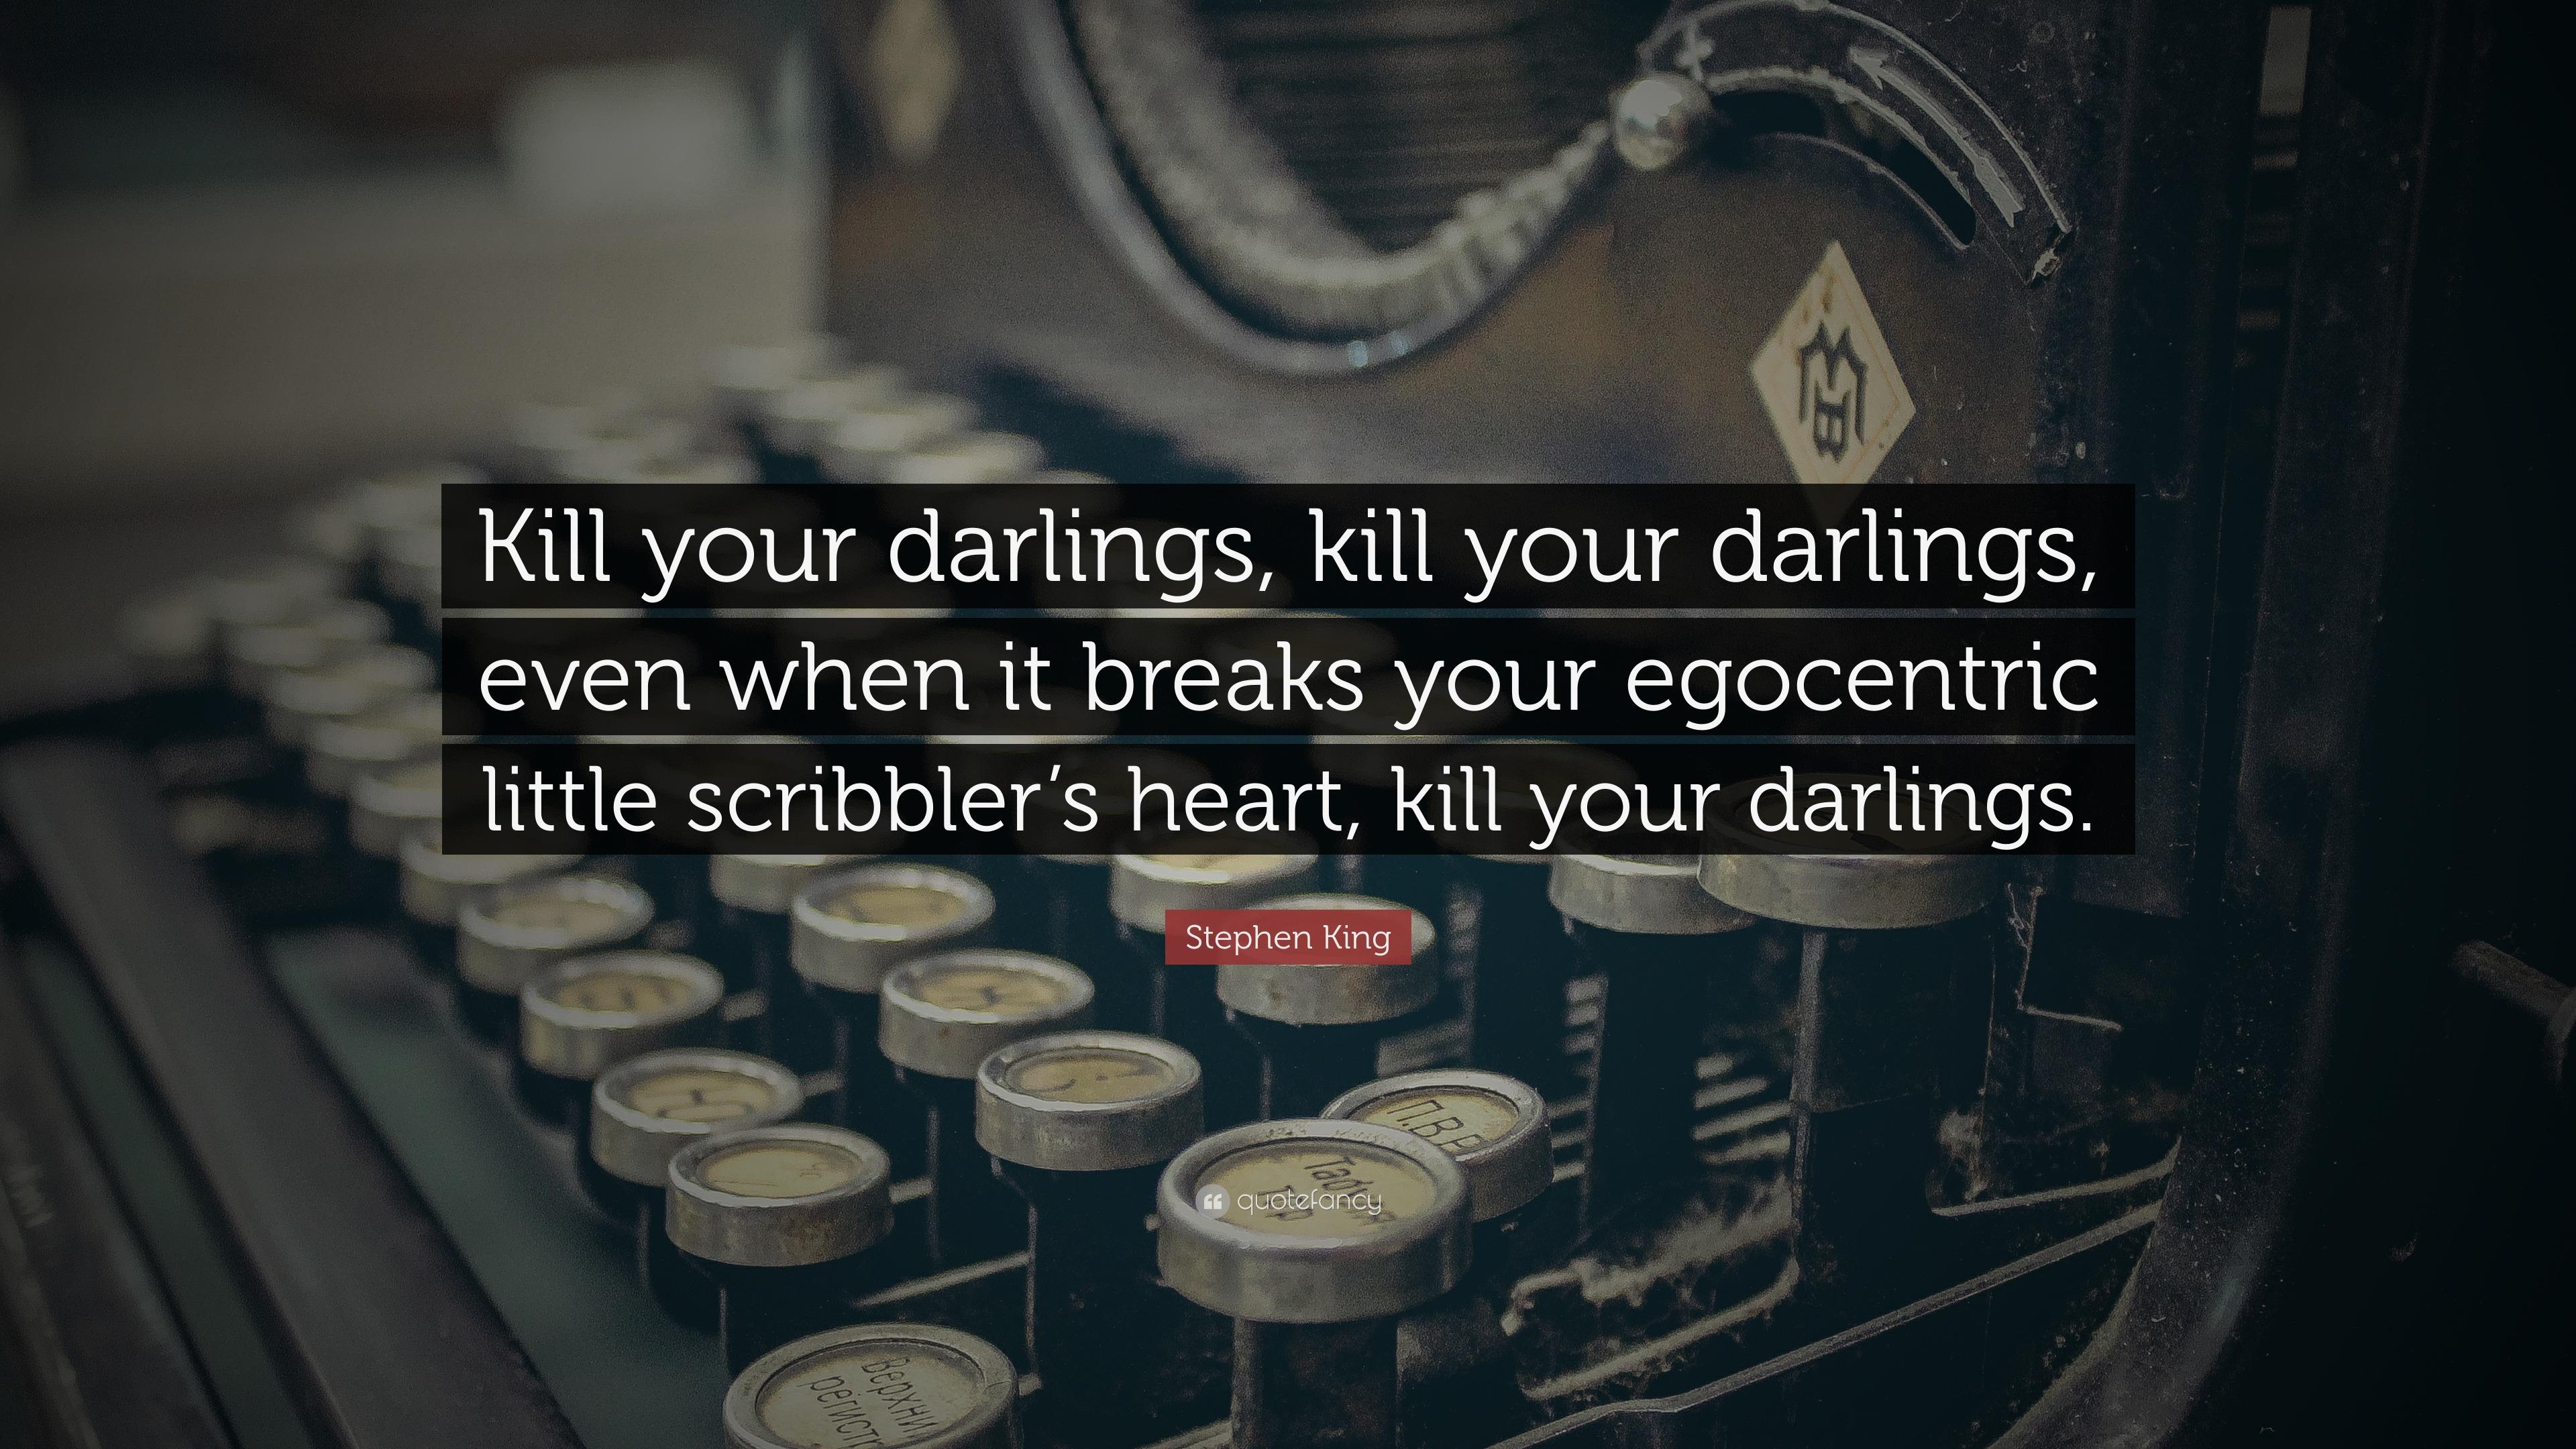 Bildresultat för kill your darlings quotes